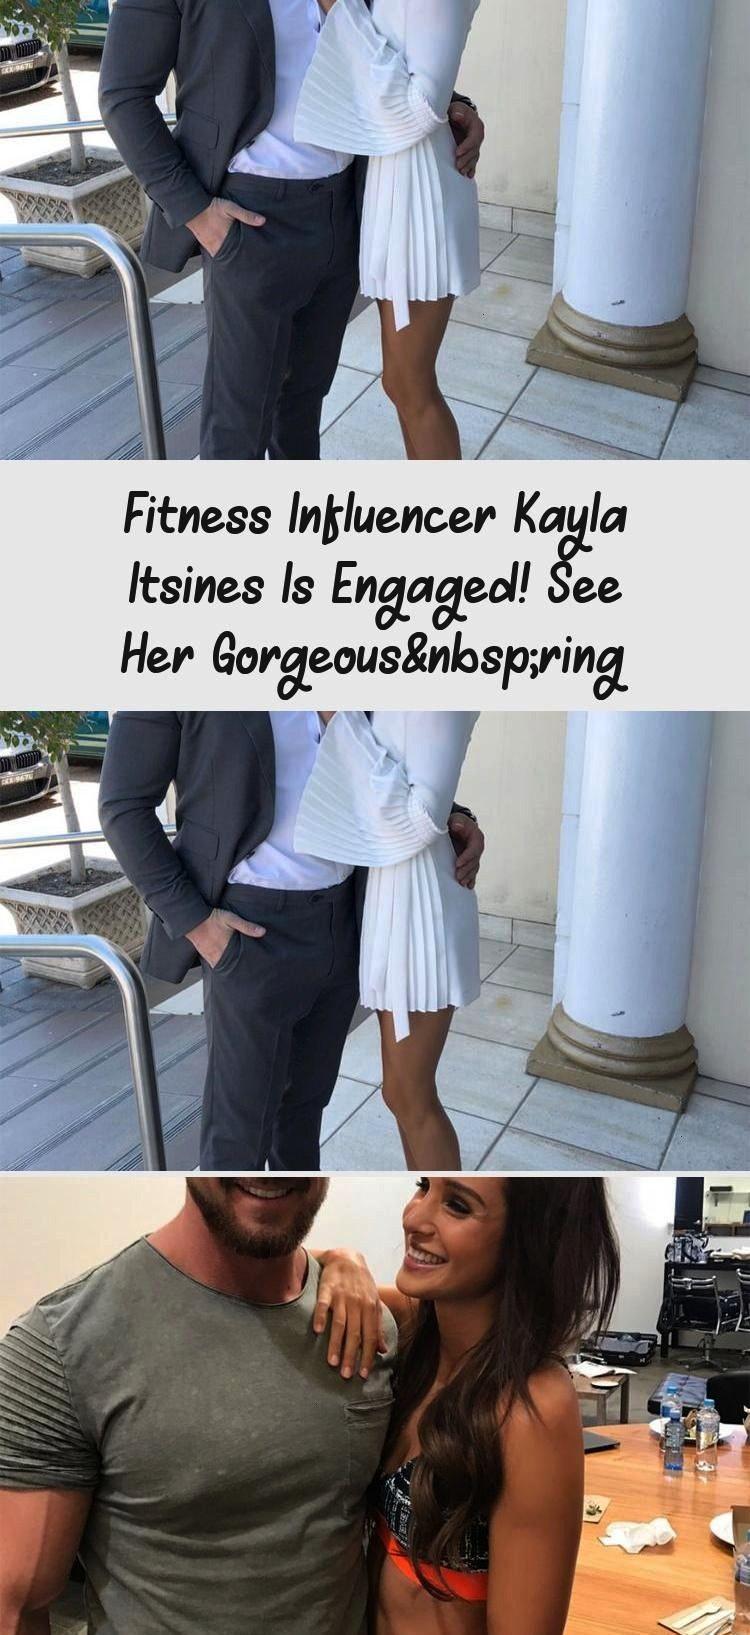 #weddingringsdiamond #weddingrings #influencer #weddingrin #gorgeous #fitness #itsines #engaged #kay...